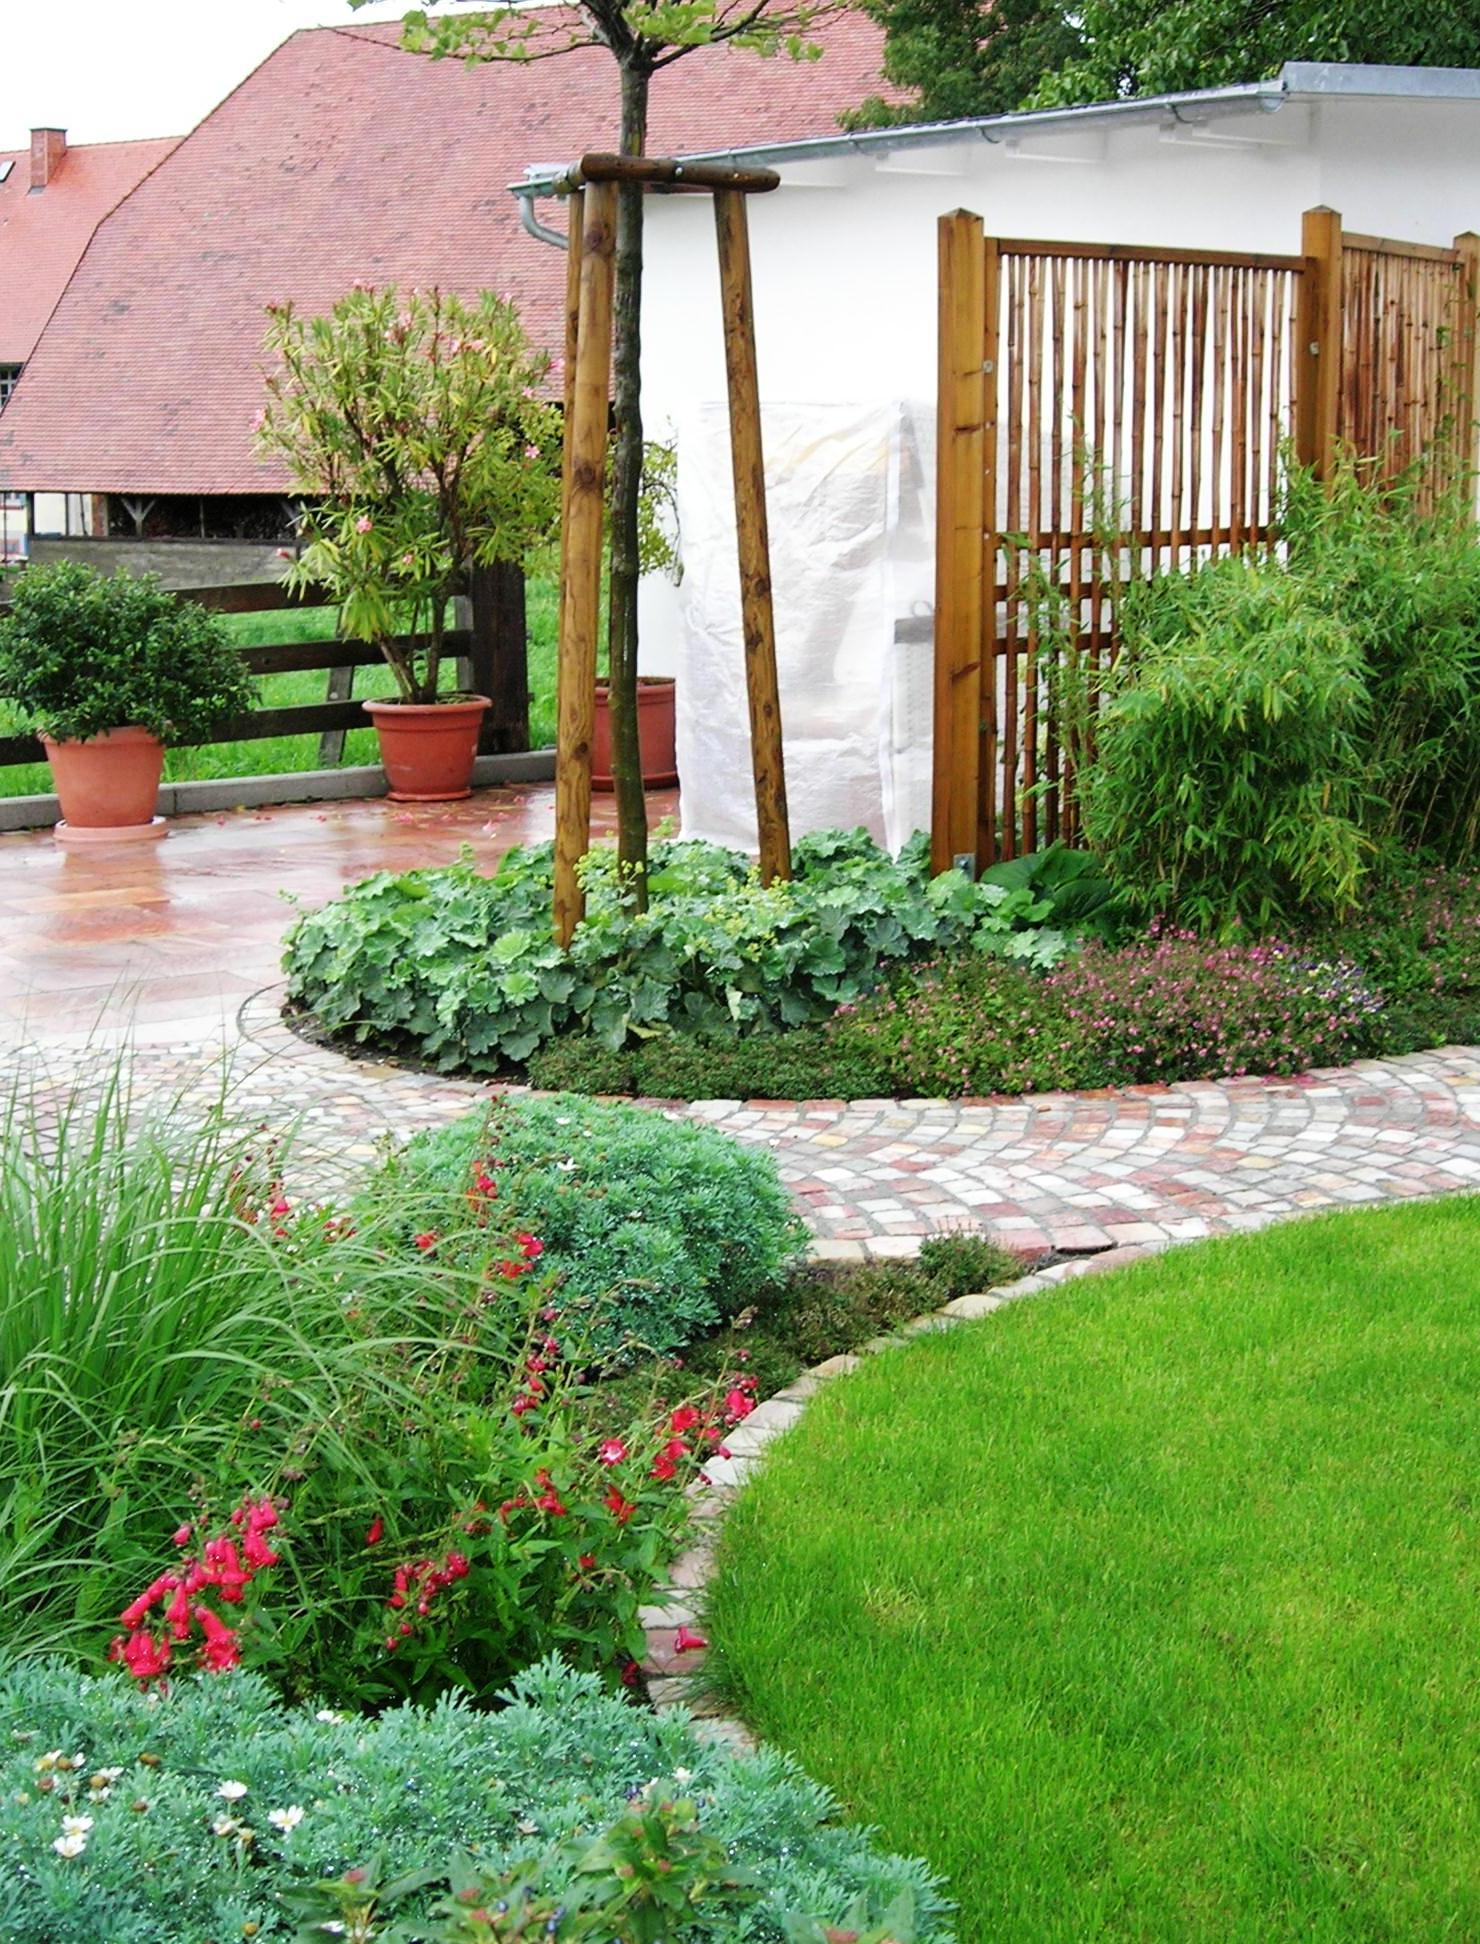 Bild-5-Landhaus-Garten-Form-Farbe Erstaunlich Große Lampen Für Hohe Räume Dekorationen